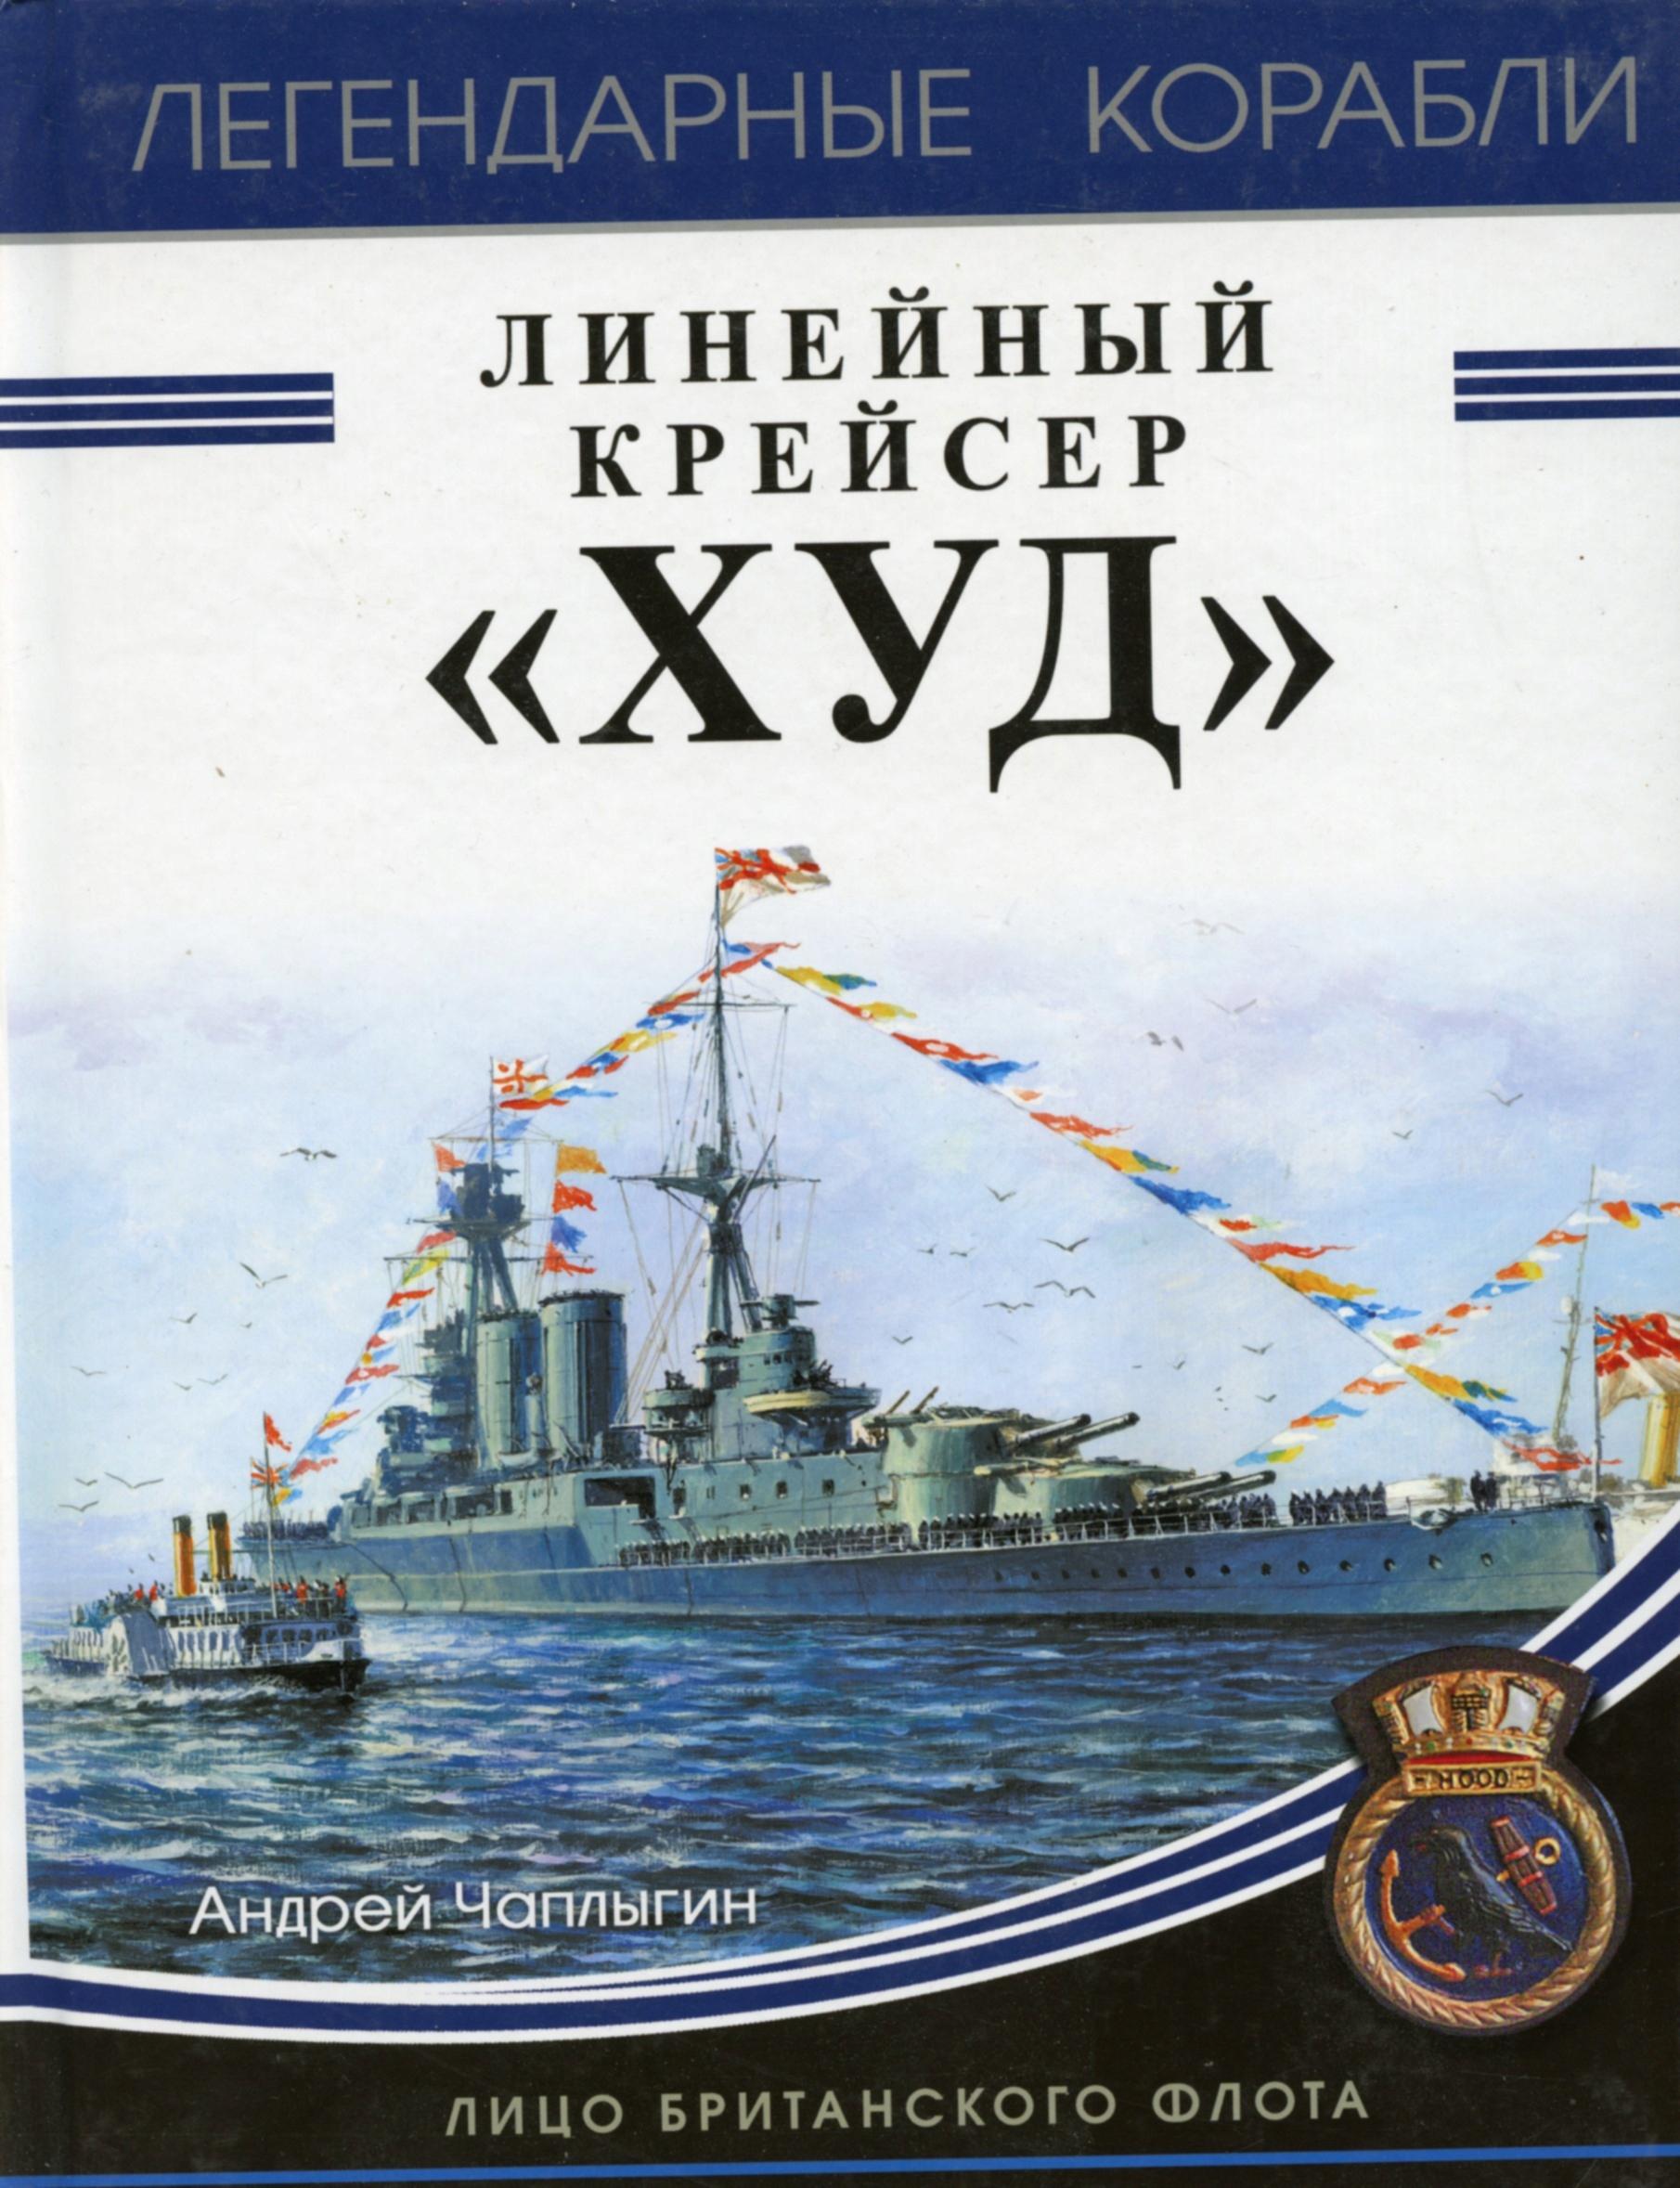 HMS HOOD Cruiser - монография на русском языке